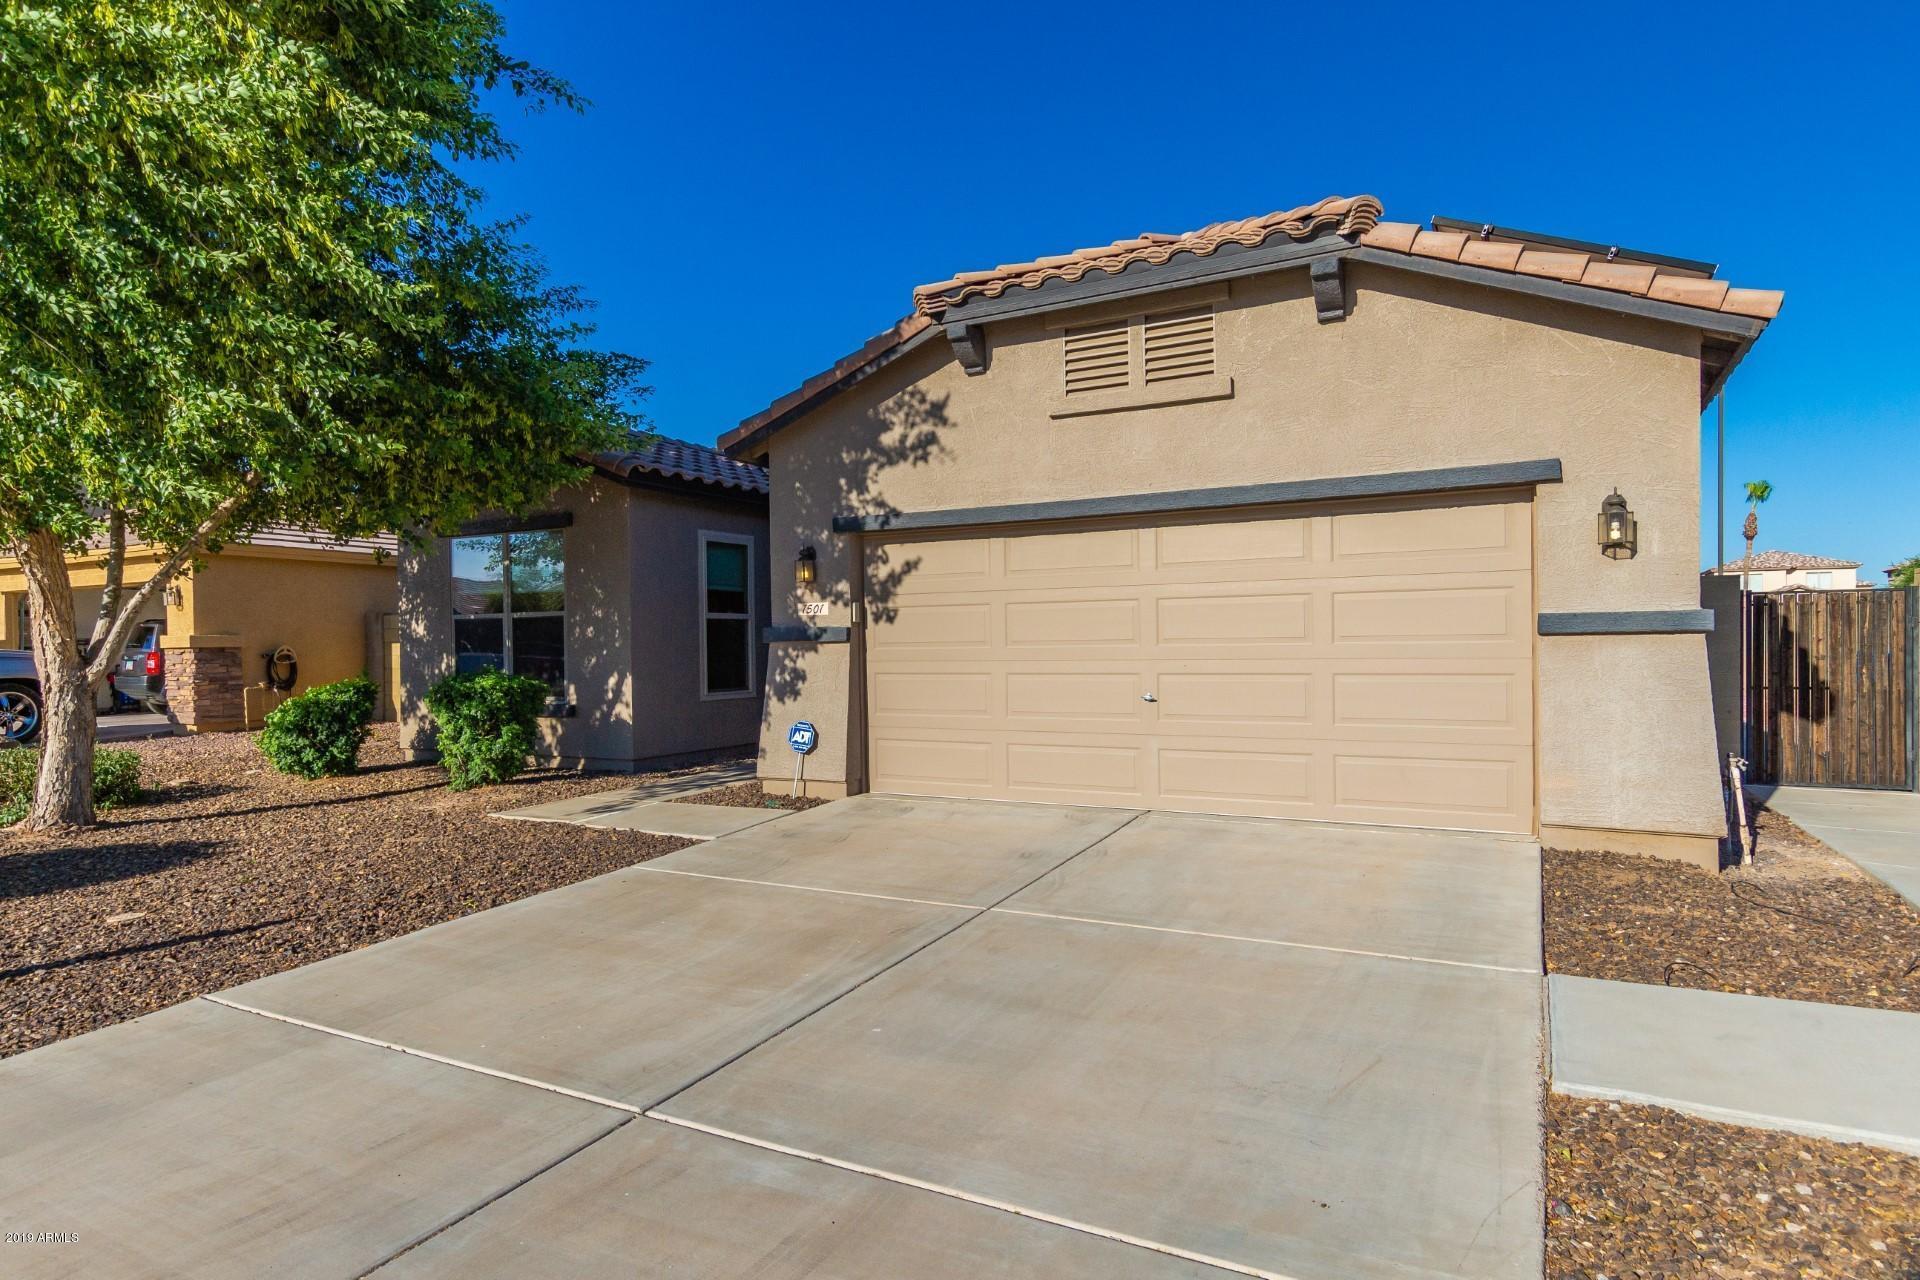 MLS 5942384 1501 S 115TH Drive, Avondale, AZ 85323 Avondale AZ Eco-Friendly